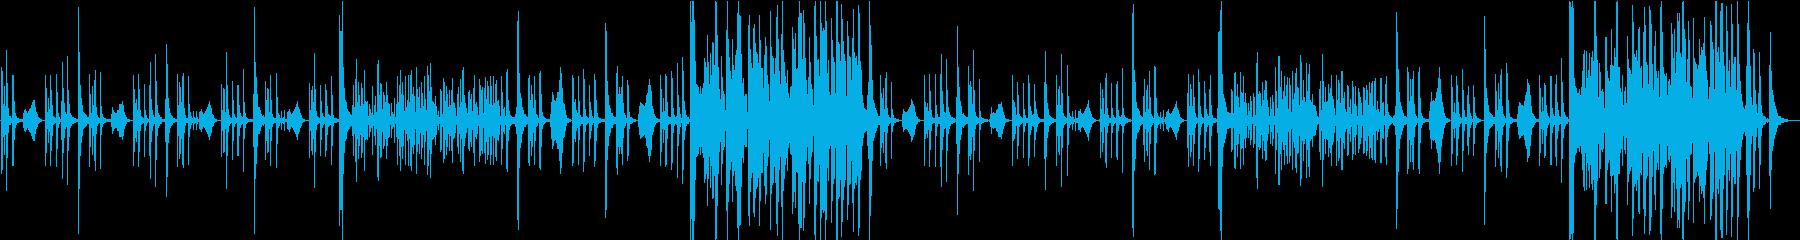 【CM、動画】コミカルなストリングスの再生済みの波形